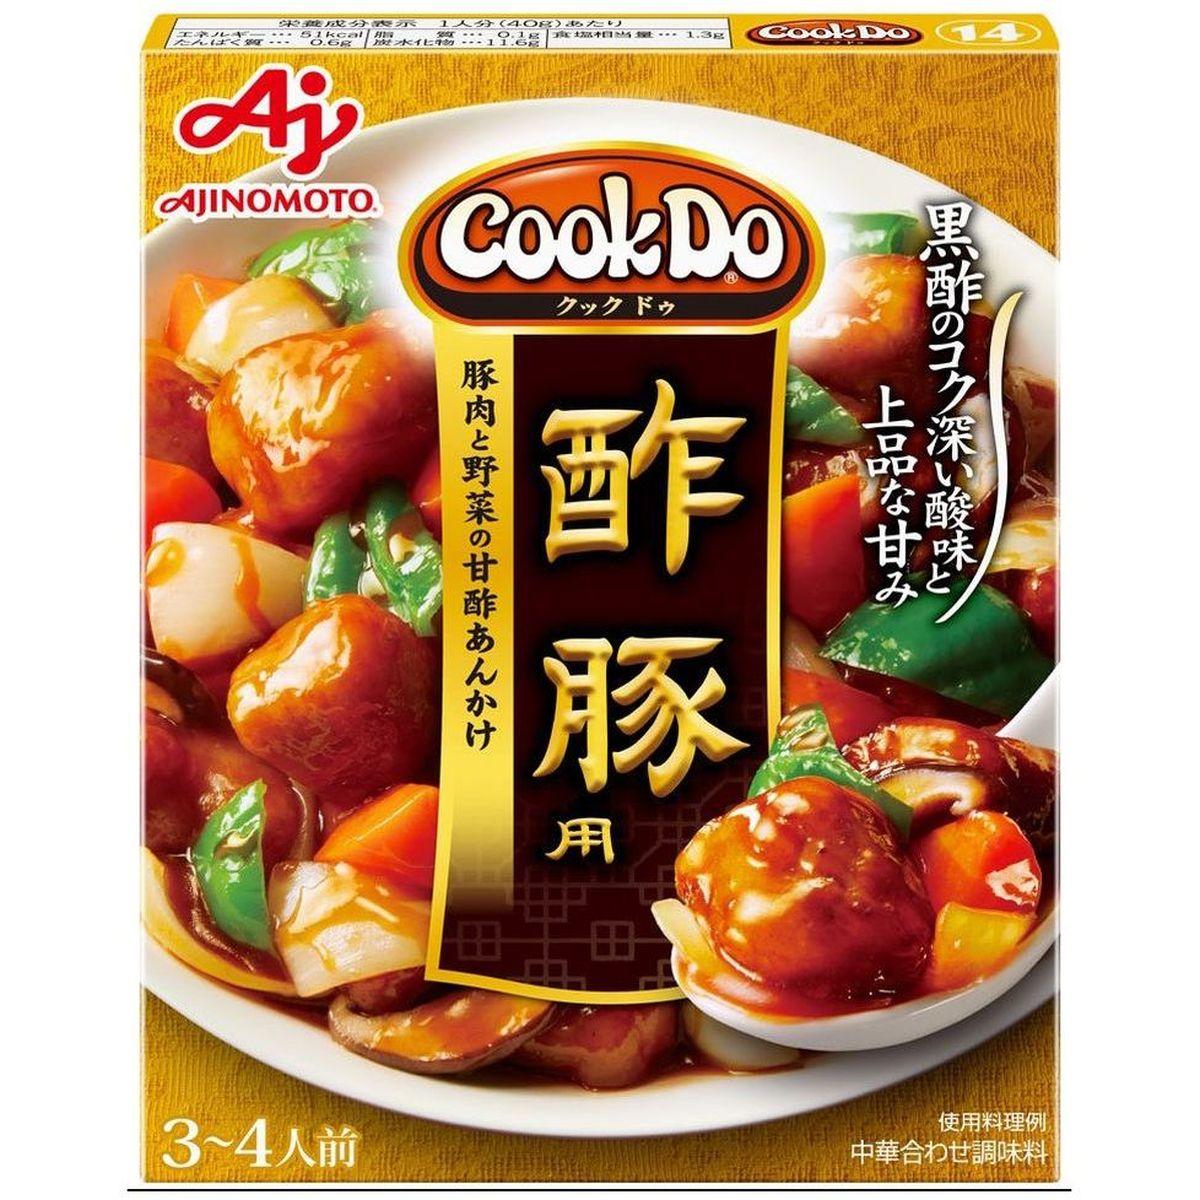 【送料無料】味の素AGF 味の素 CooKDo14 酢豚 140g x 10個